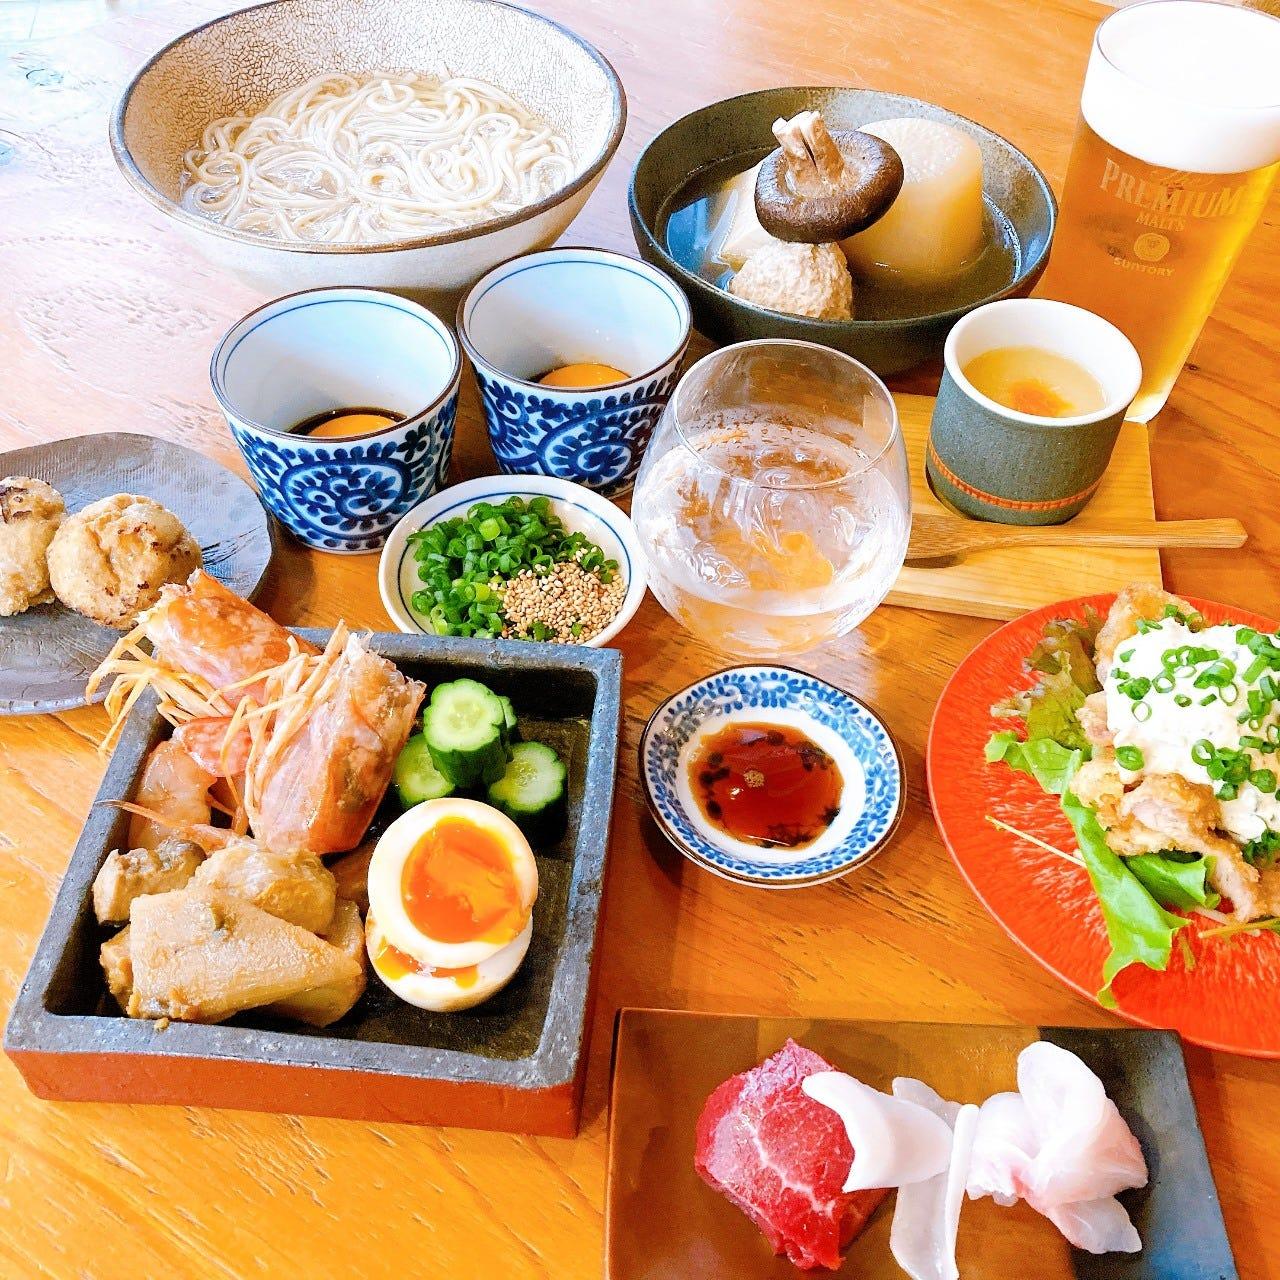 東京駅/有楽町/日比谷_九州料理 居酒屋 かてて 虎ノ門店_写真2